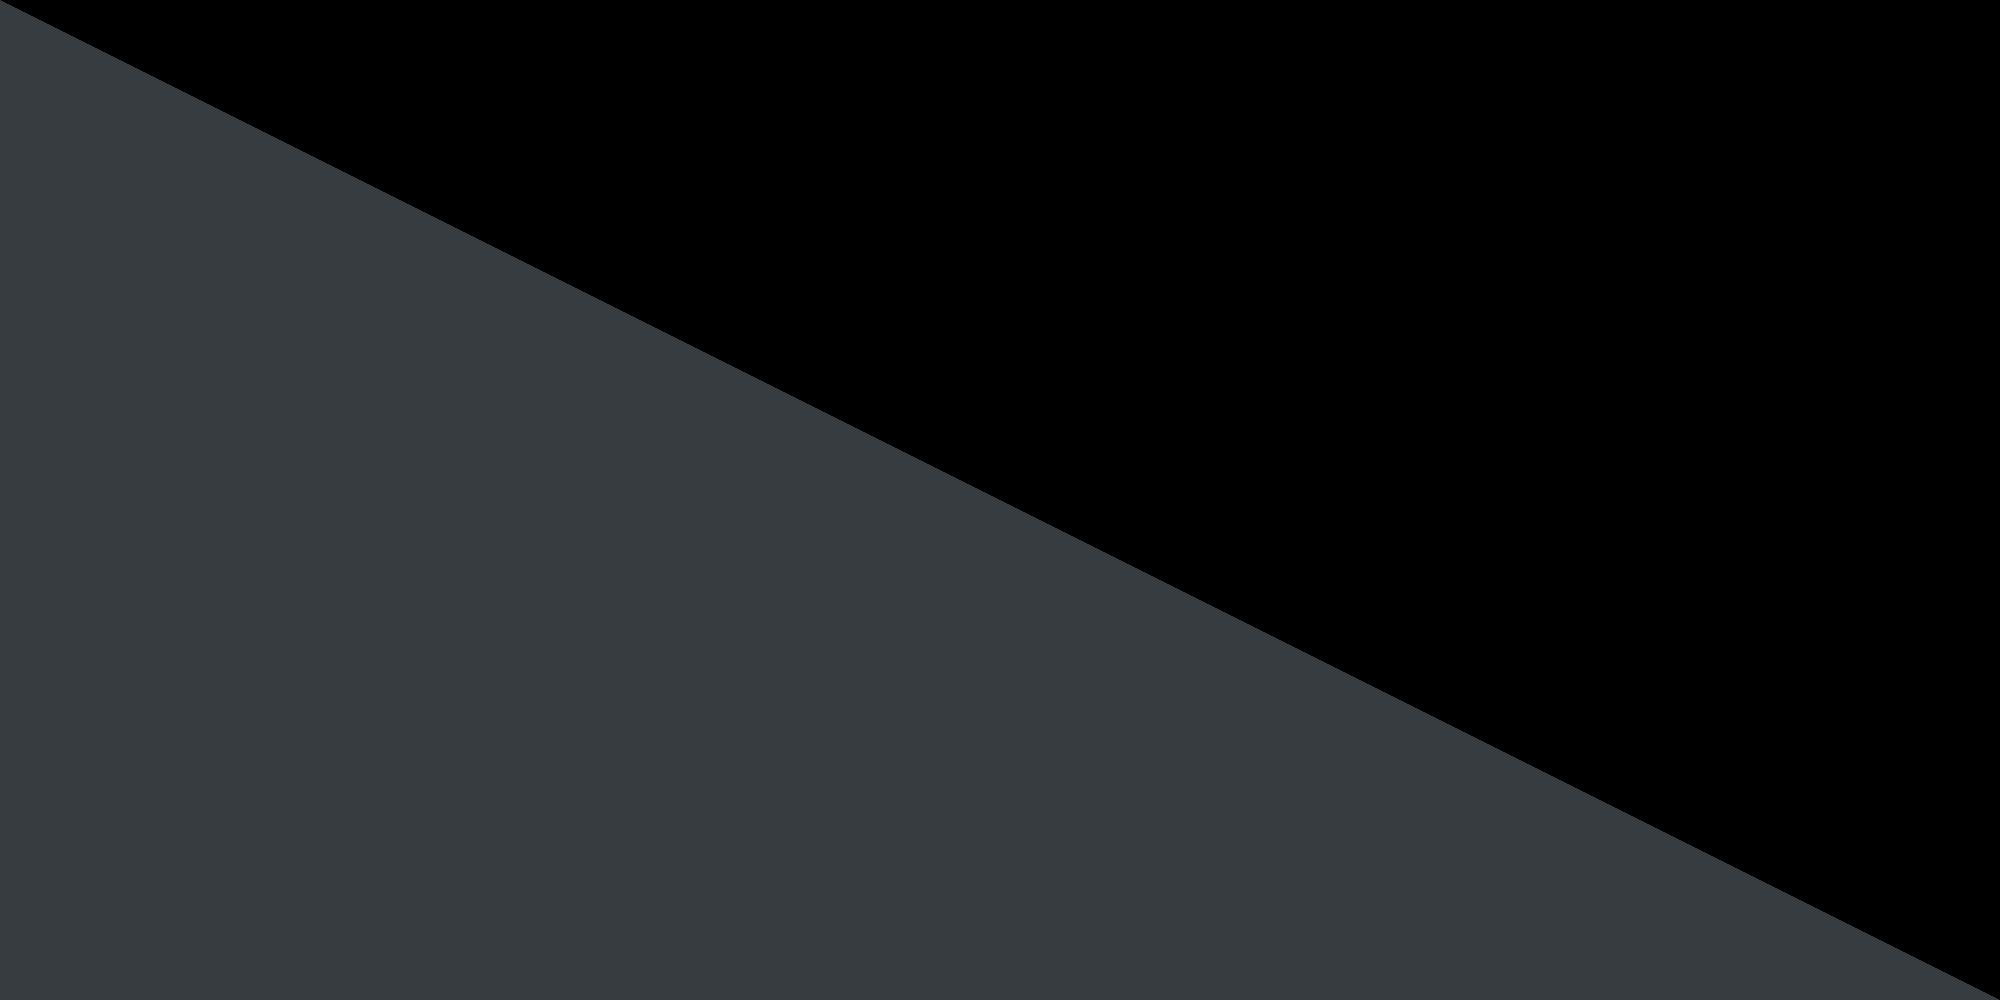 left background slit image 1